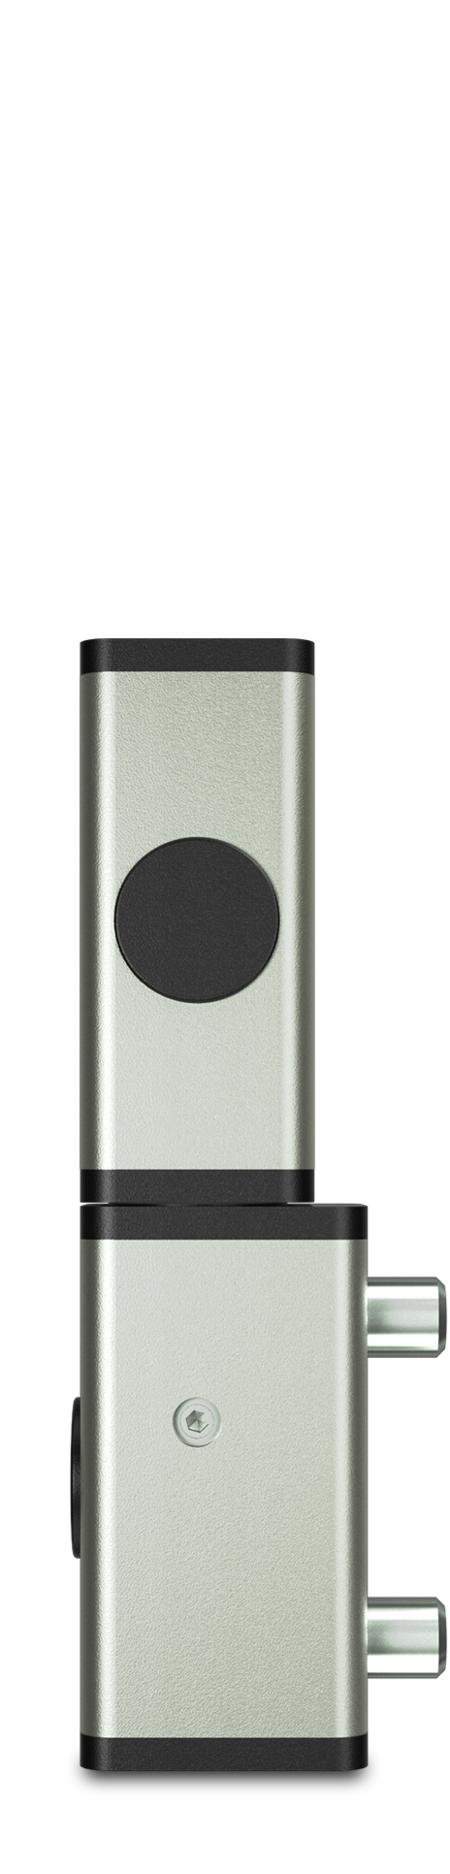 Eckscharnier 2-teilig Edelstahl, gesandstrahlt, rechts und links verwendbar, teilmontiert, steigend, 8mm höheneinstellbar, für Türen ab 35 mm Überschlag, mit Zapfen, mit schwarzen Abdeckkappen